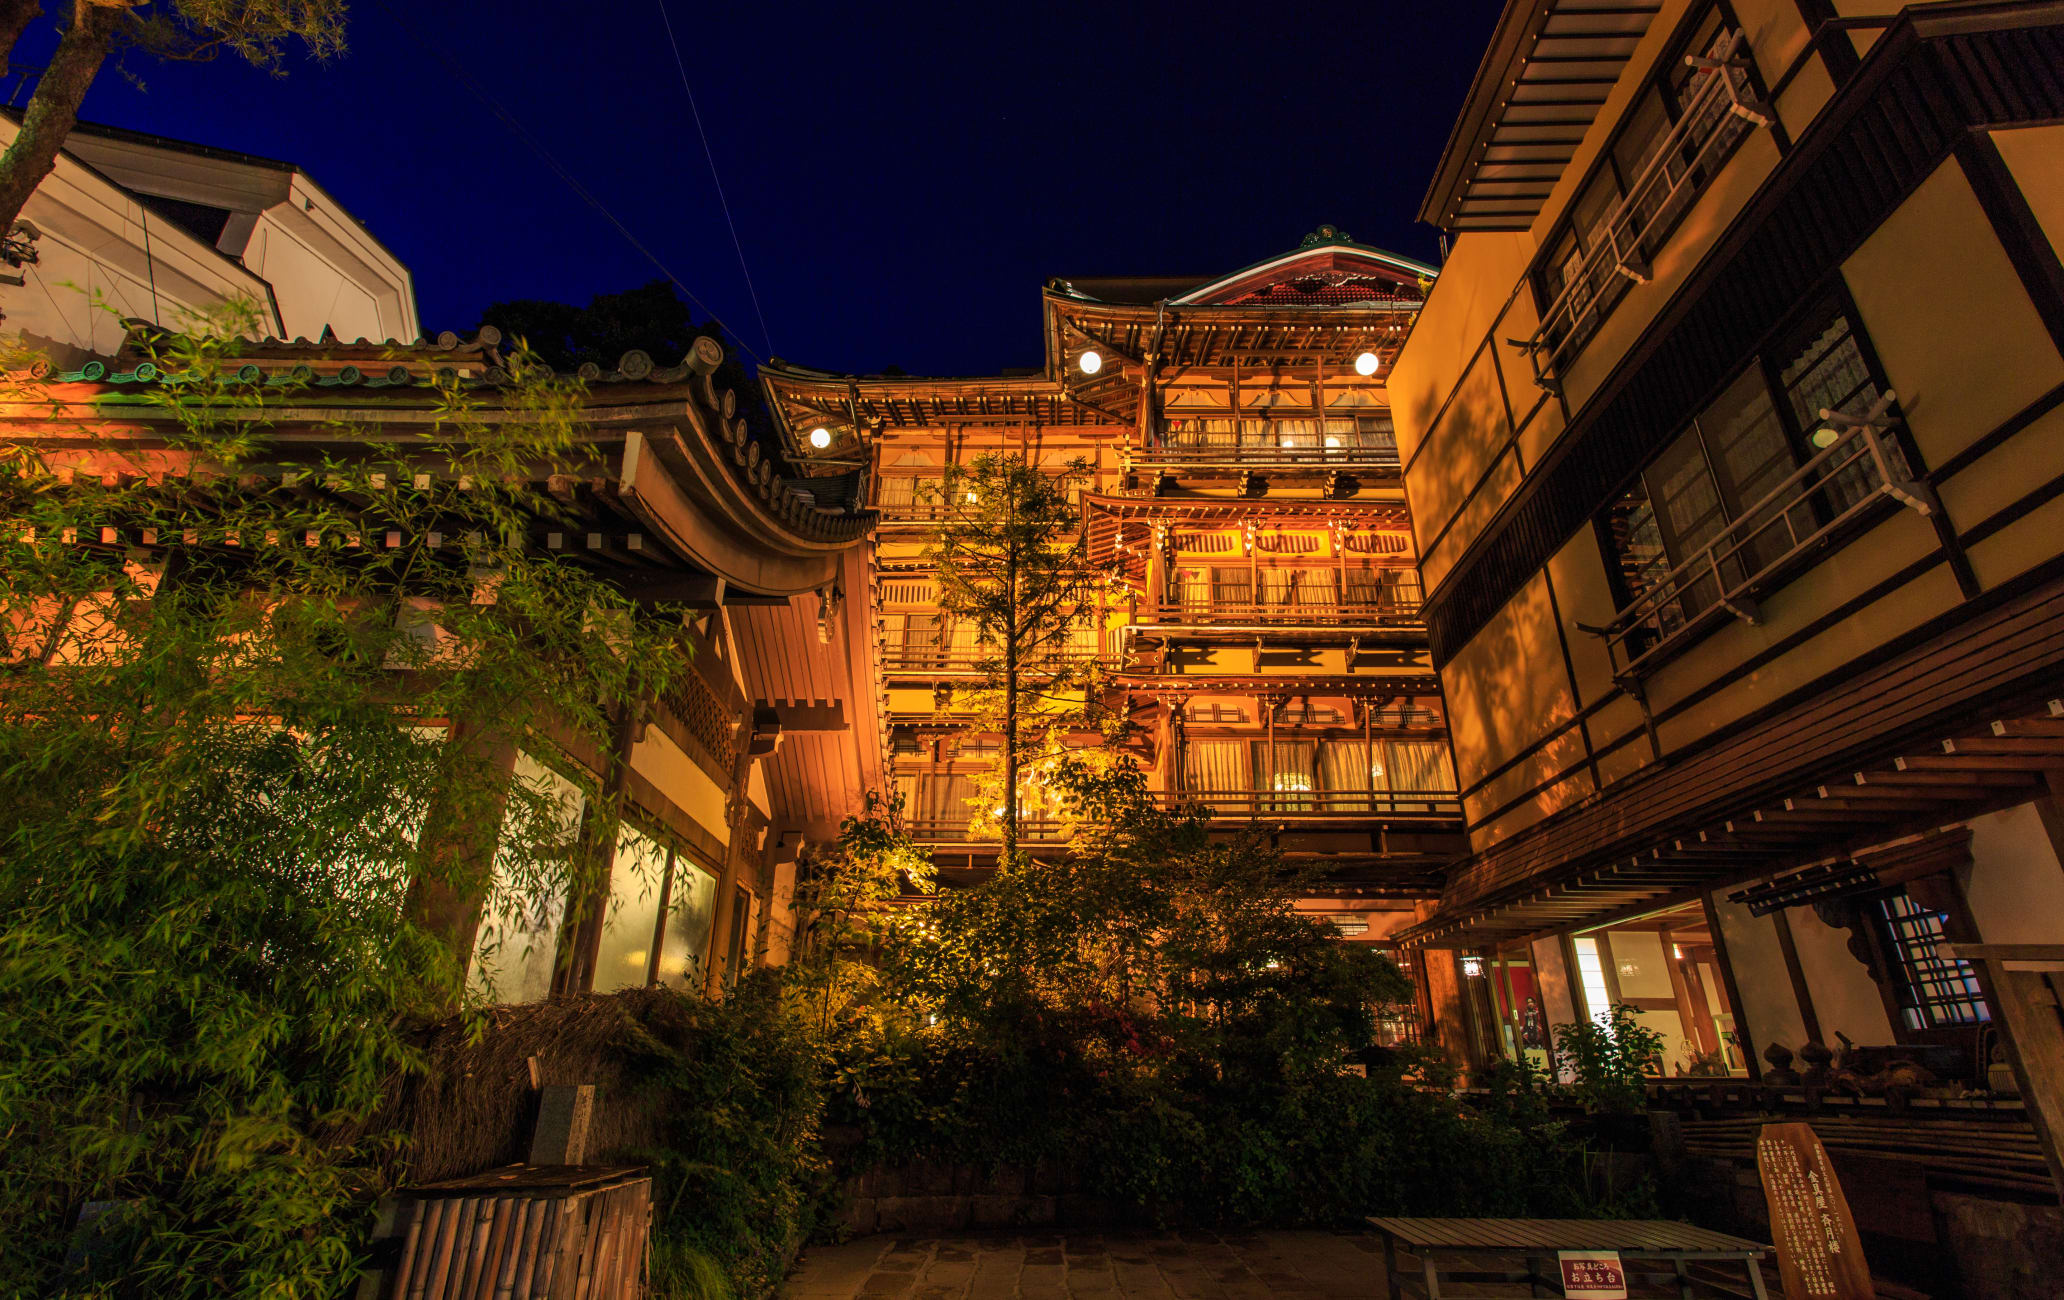 Yudanaka-Shibu-onsen-kyo Hot Spring Village